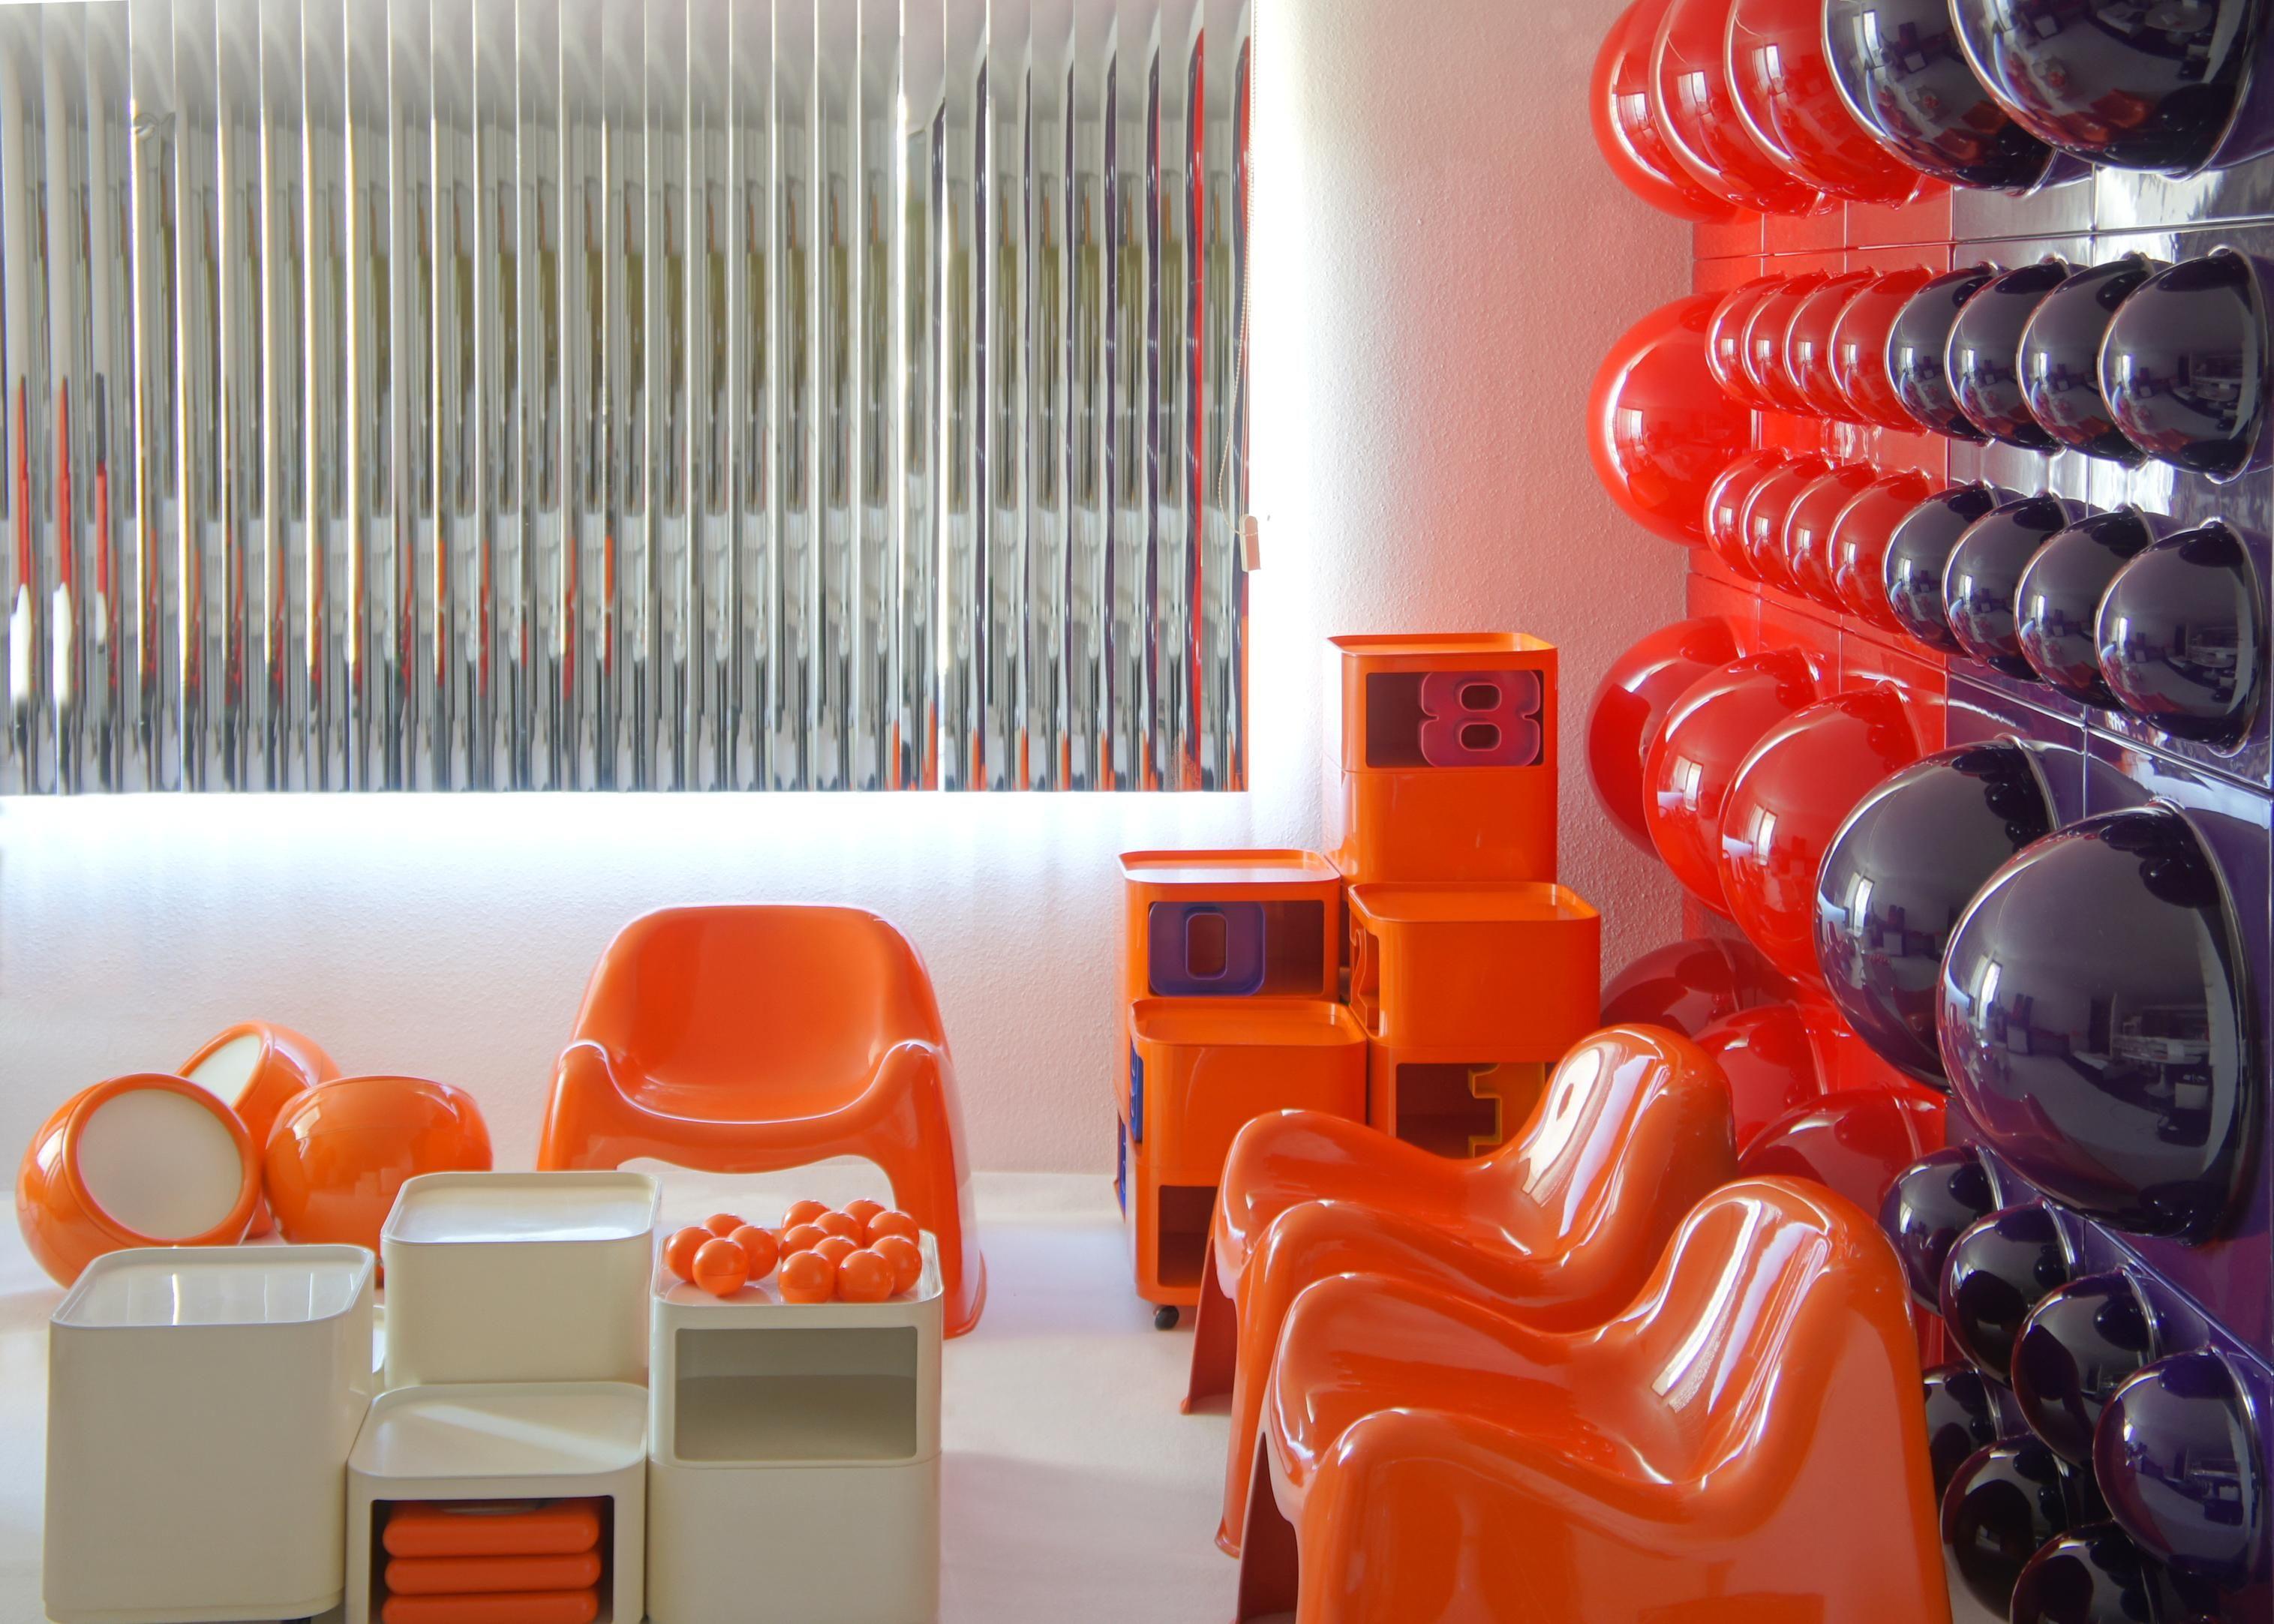 Verner panton interior design - Bubble Wall Elements Designed By Verner Panton For L Ber Basel 1970